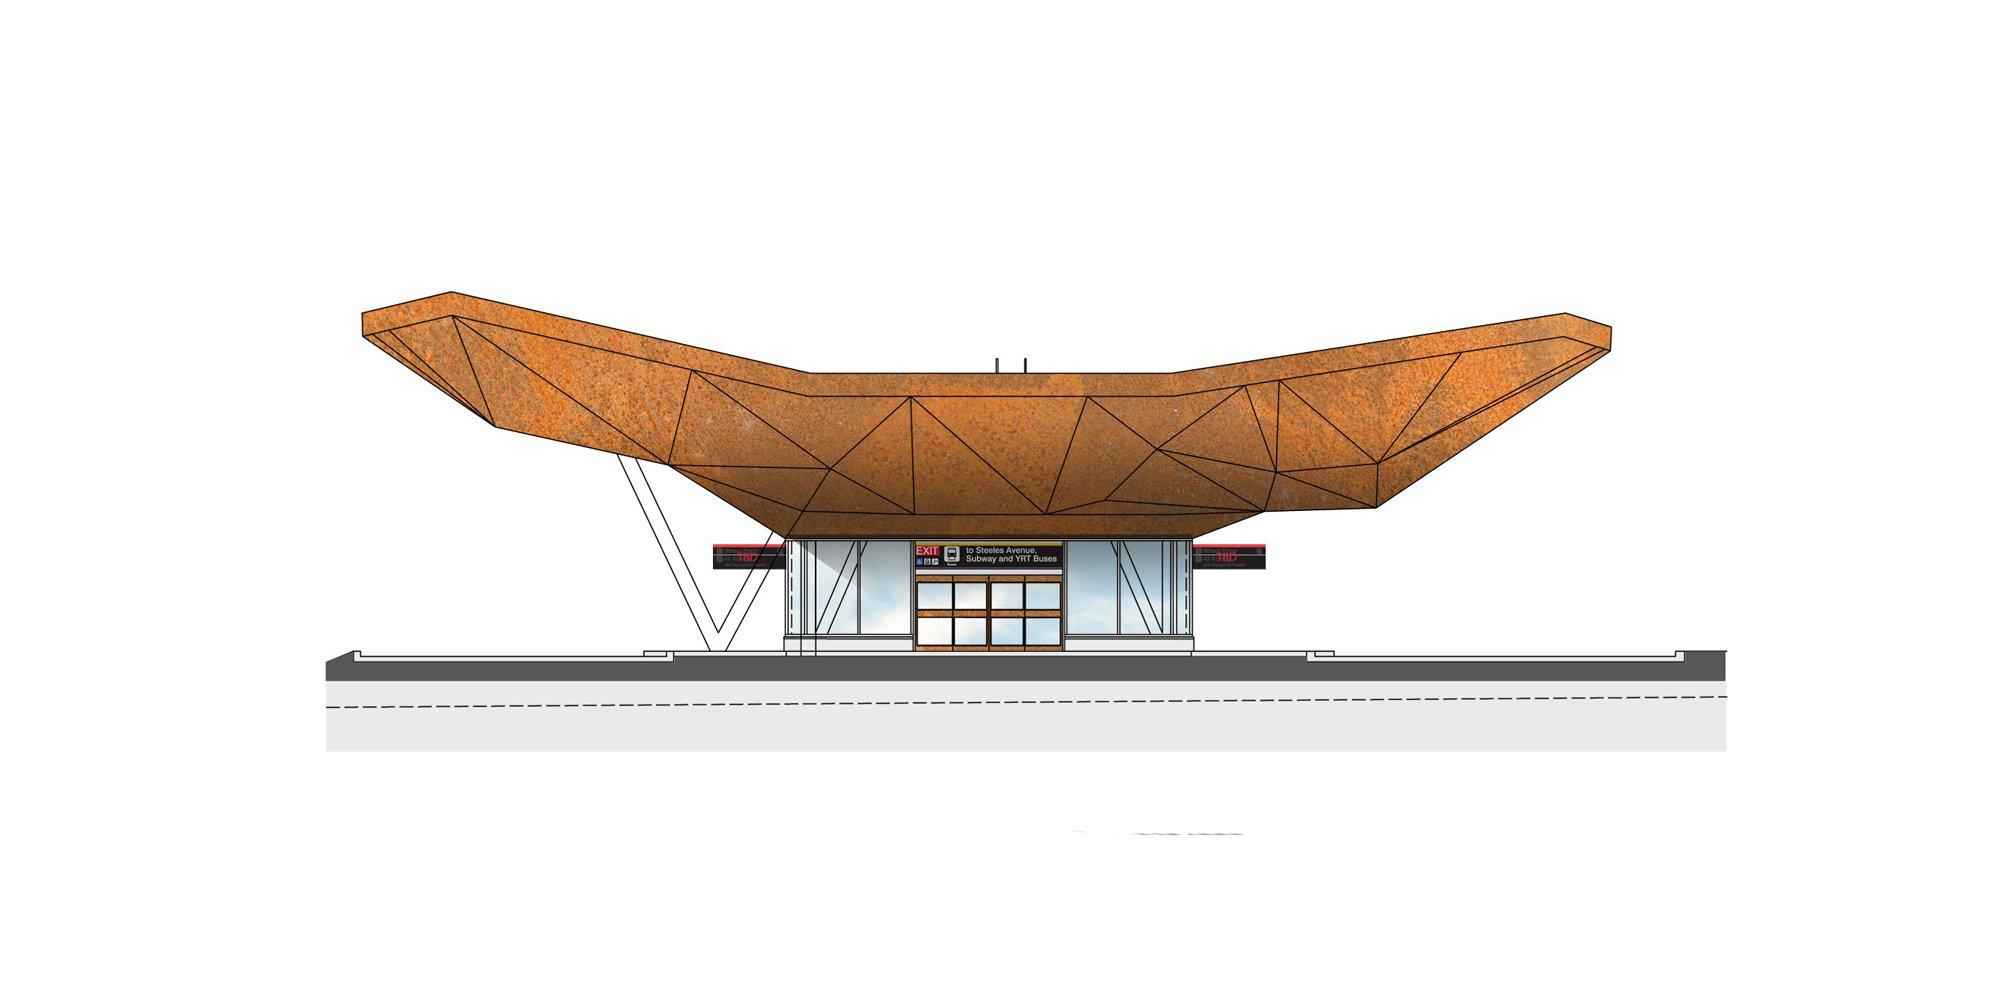 Prospetto ovest - Terminal autobus © aLL Design, TSGA